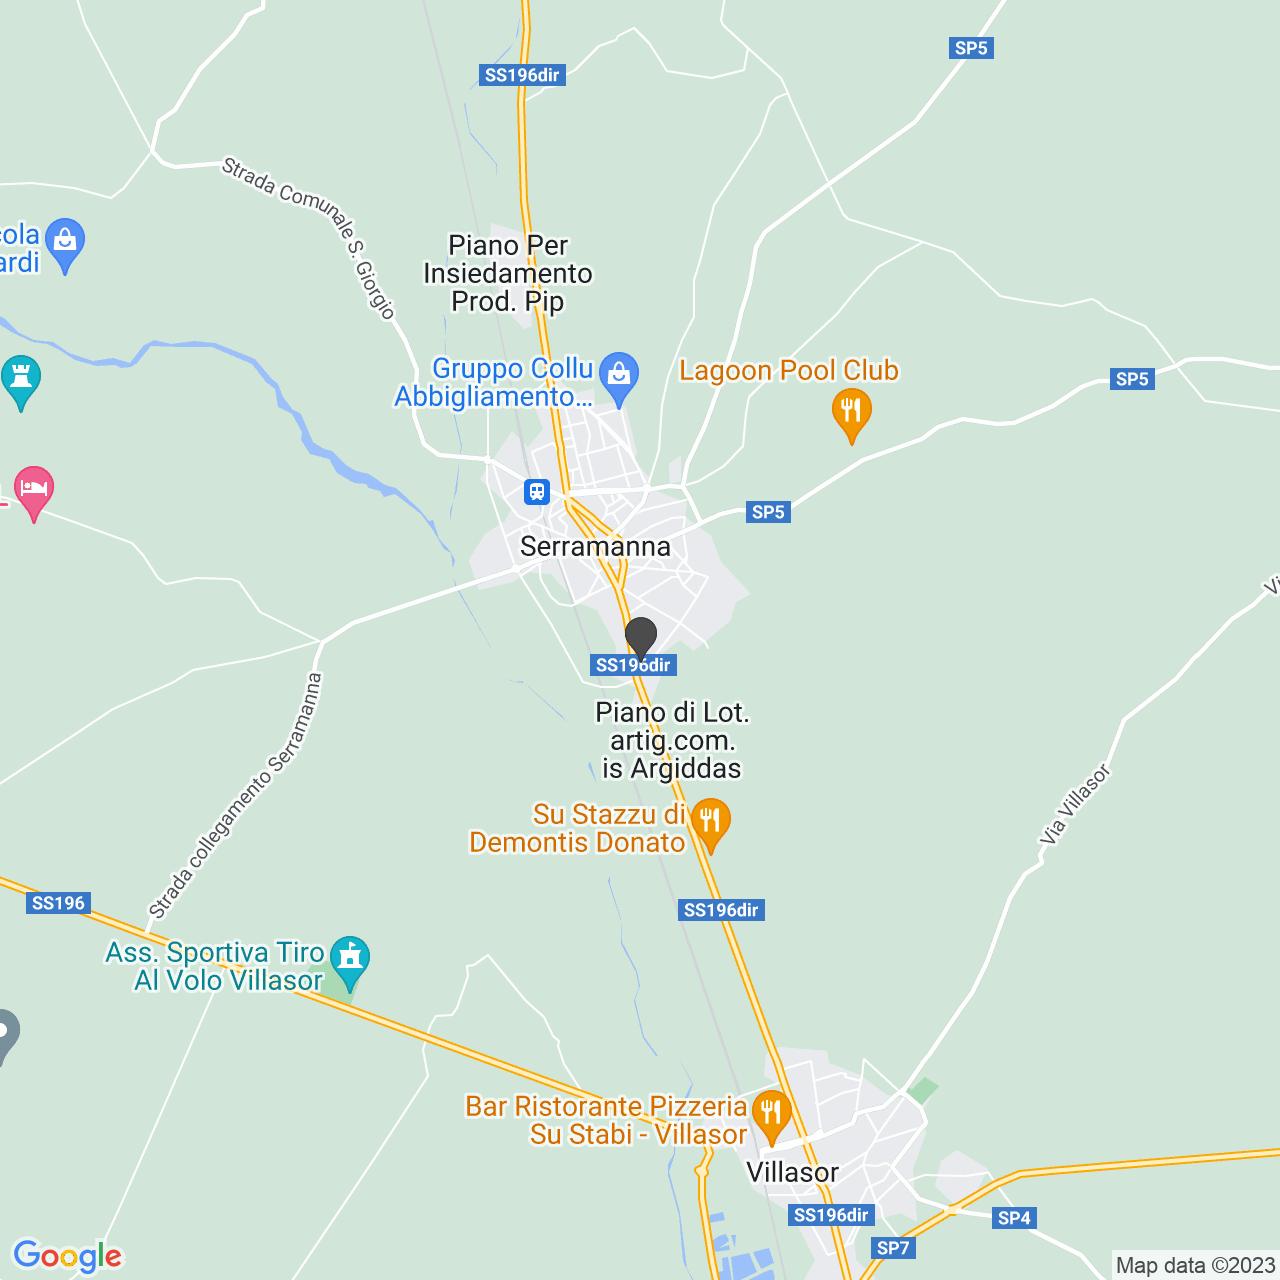 Chiesa di Sant'Ignazio da Laconi